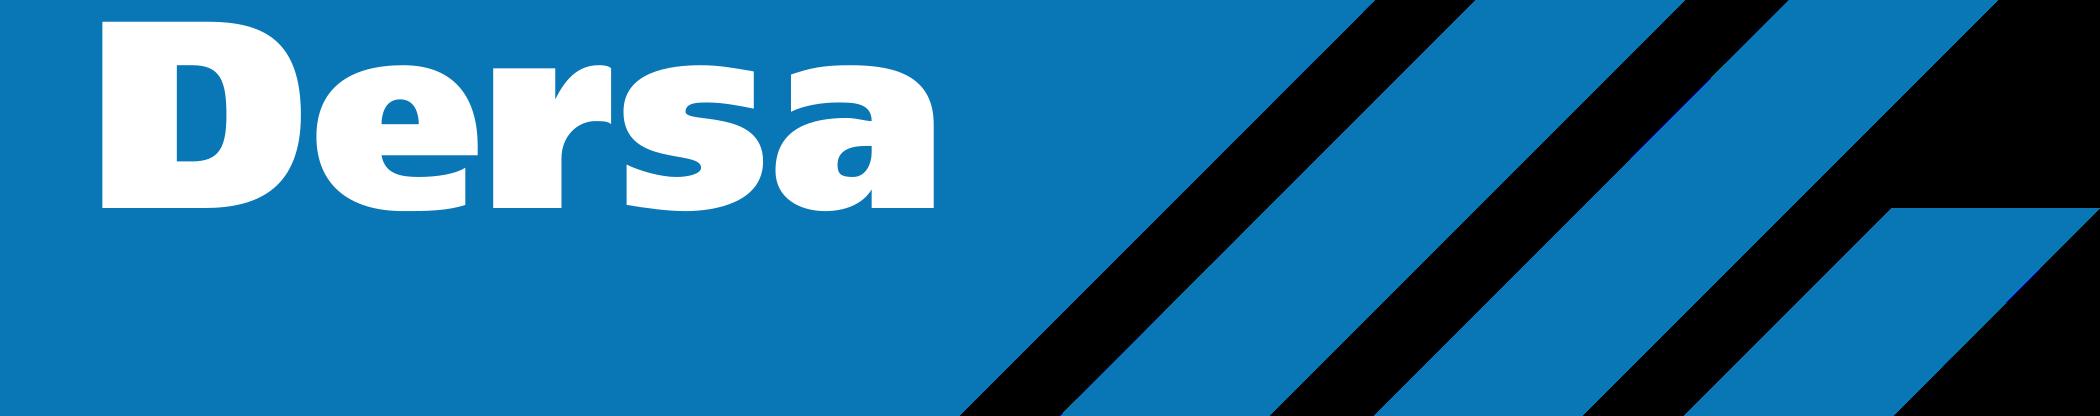 Dersa Logo.